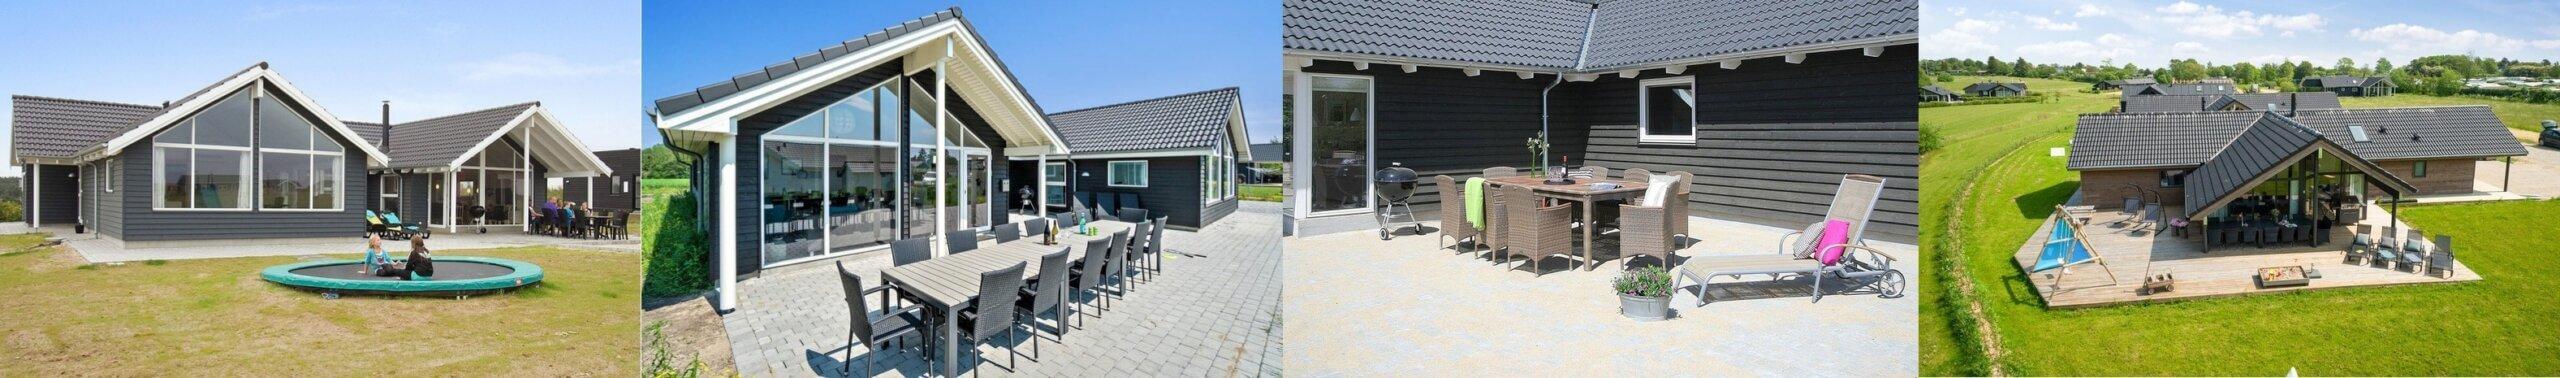 Sommerhus_i_midtjylland